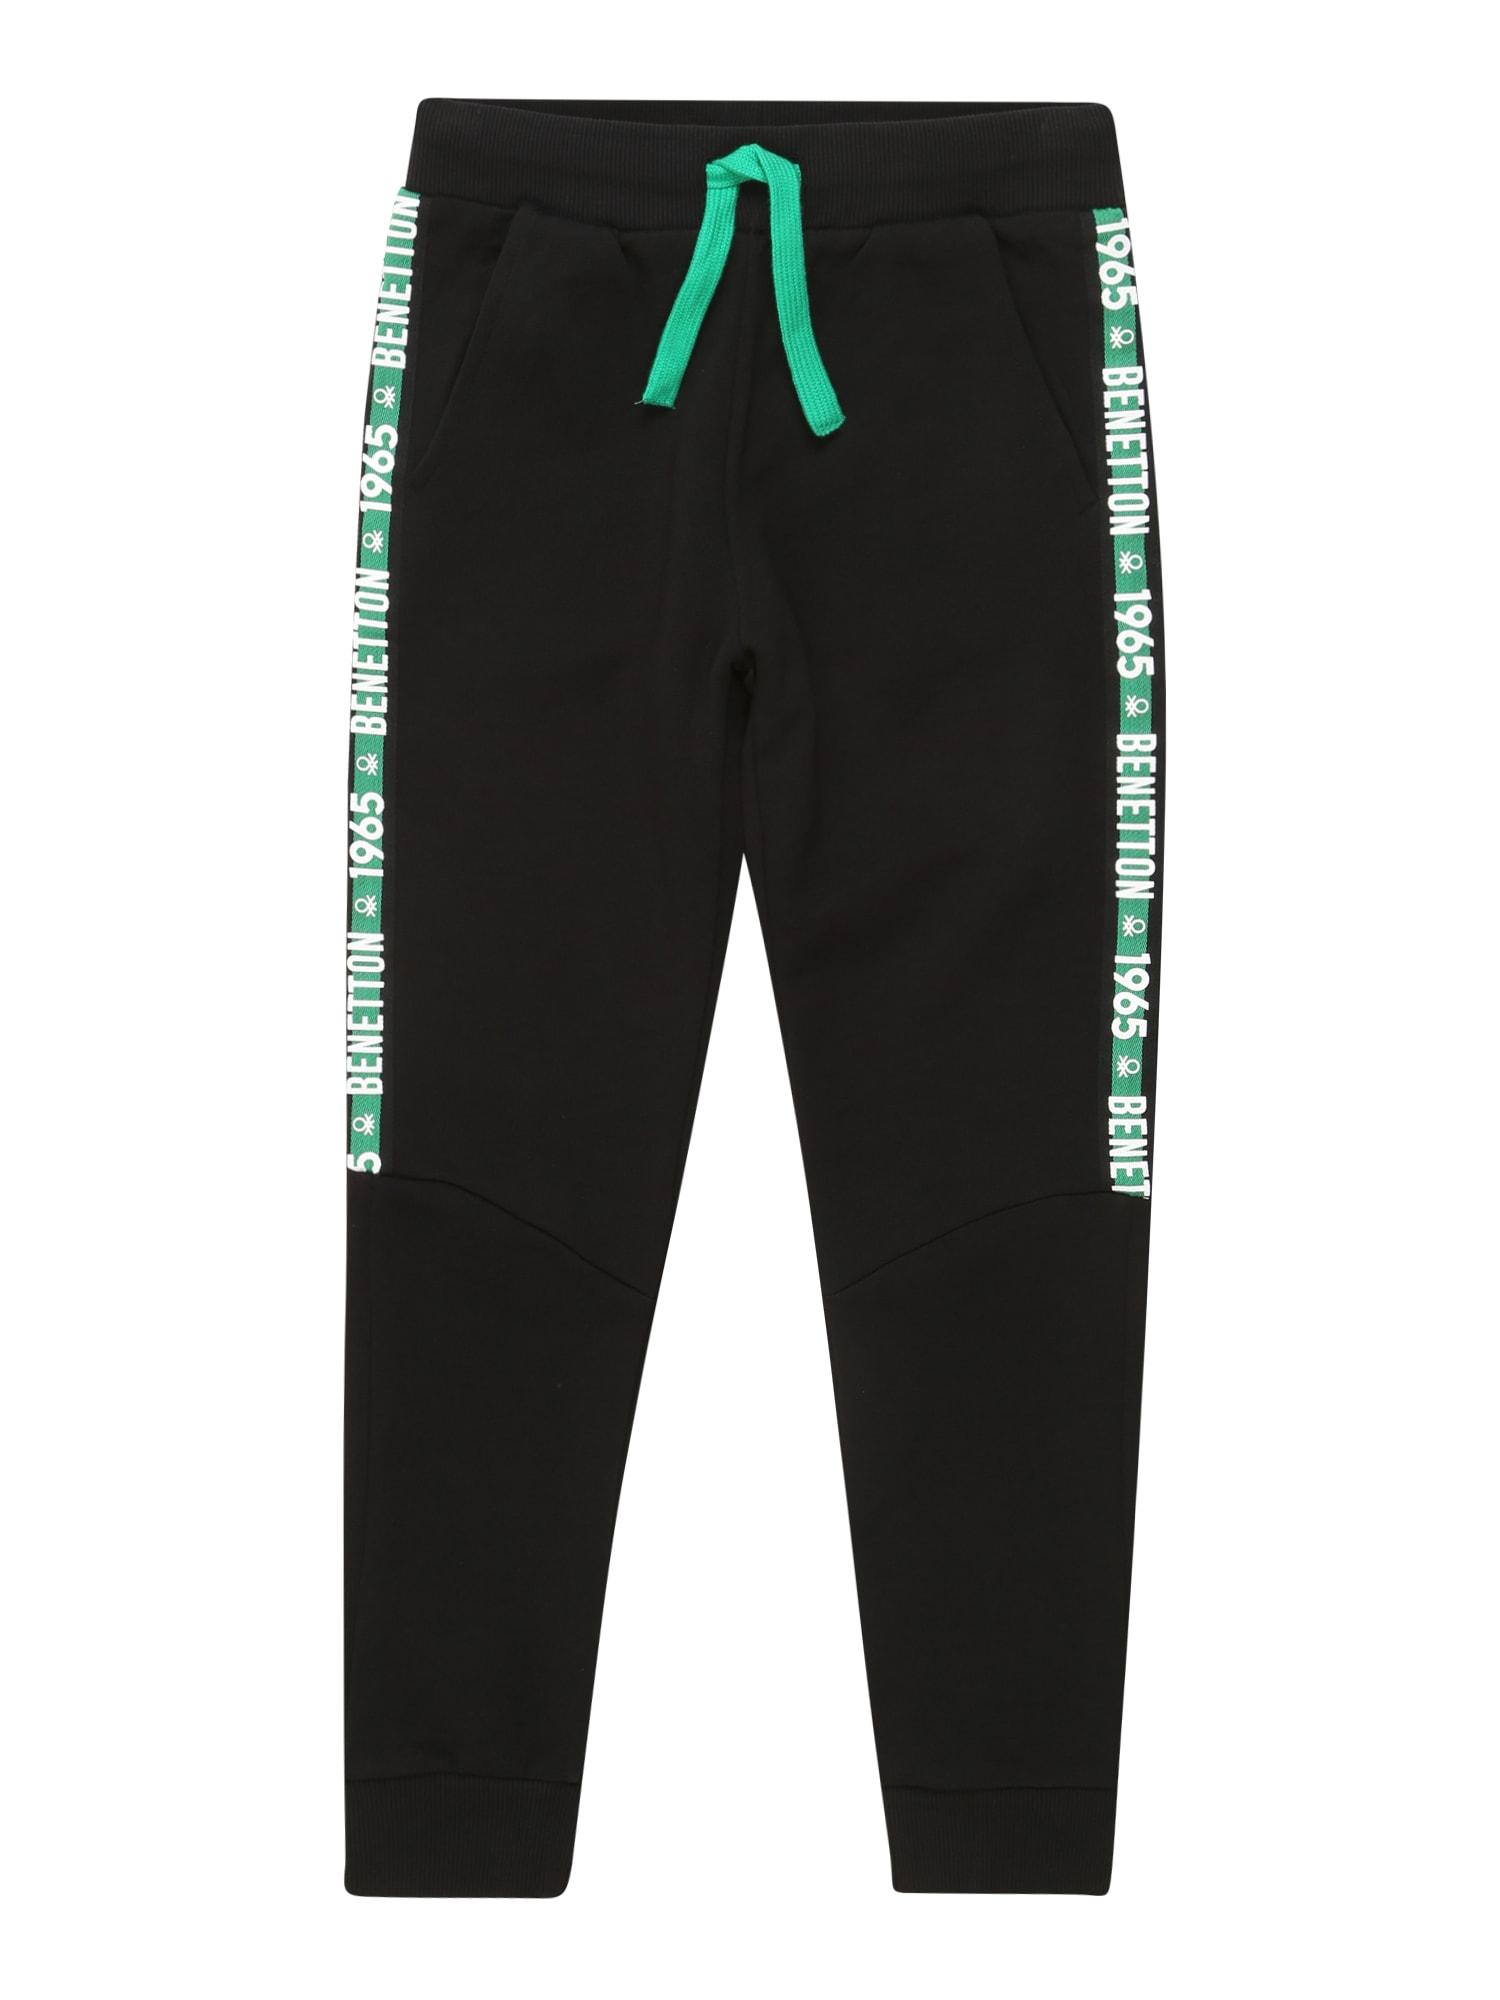 UNITED COLORS OF BENETTON Kalhoty  černá / bílá / světle zelená